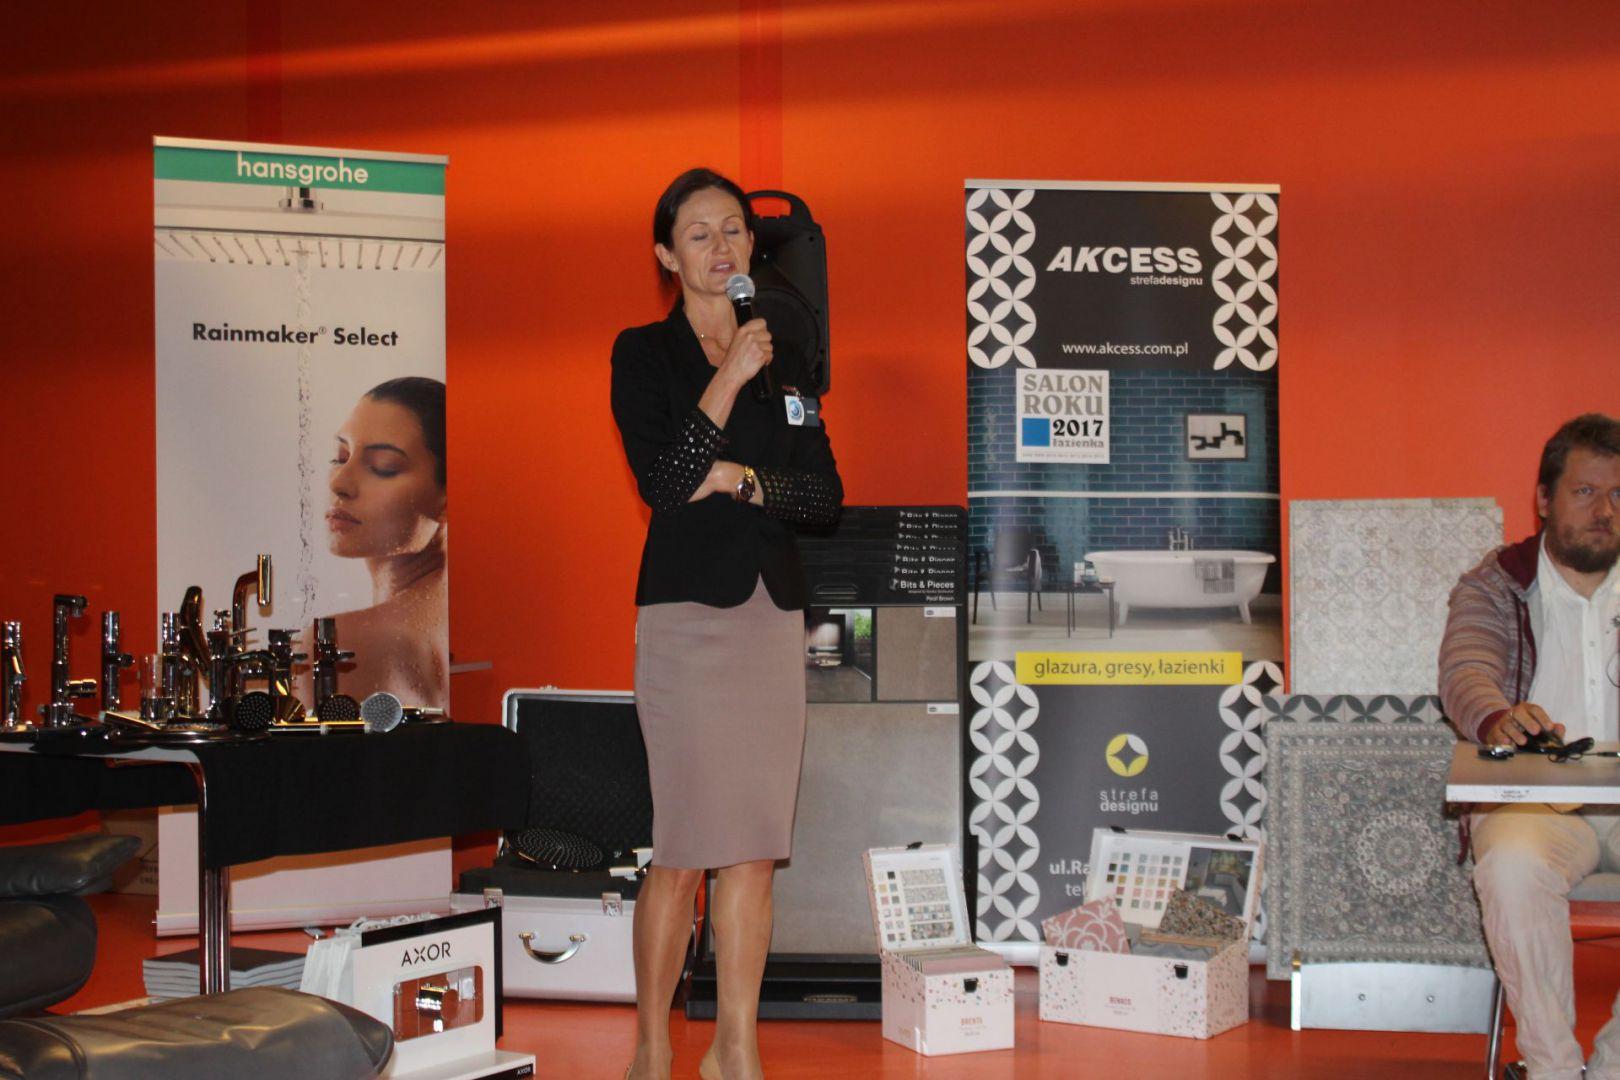 Na scenie Magdalena Szugzda, reprezentująca partnera głównego spotkania, Salon Wyposażenia Wnętrz Akcess w Białymstoku